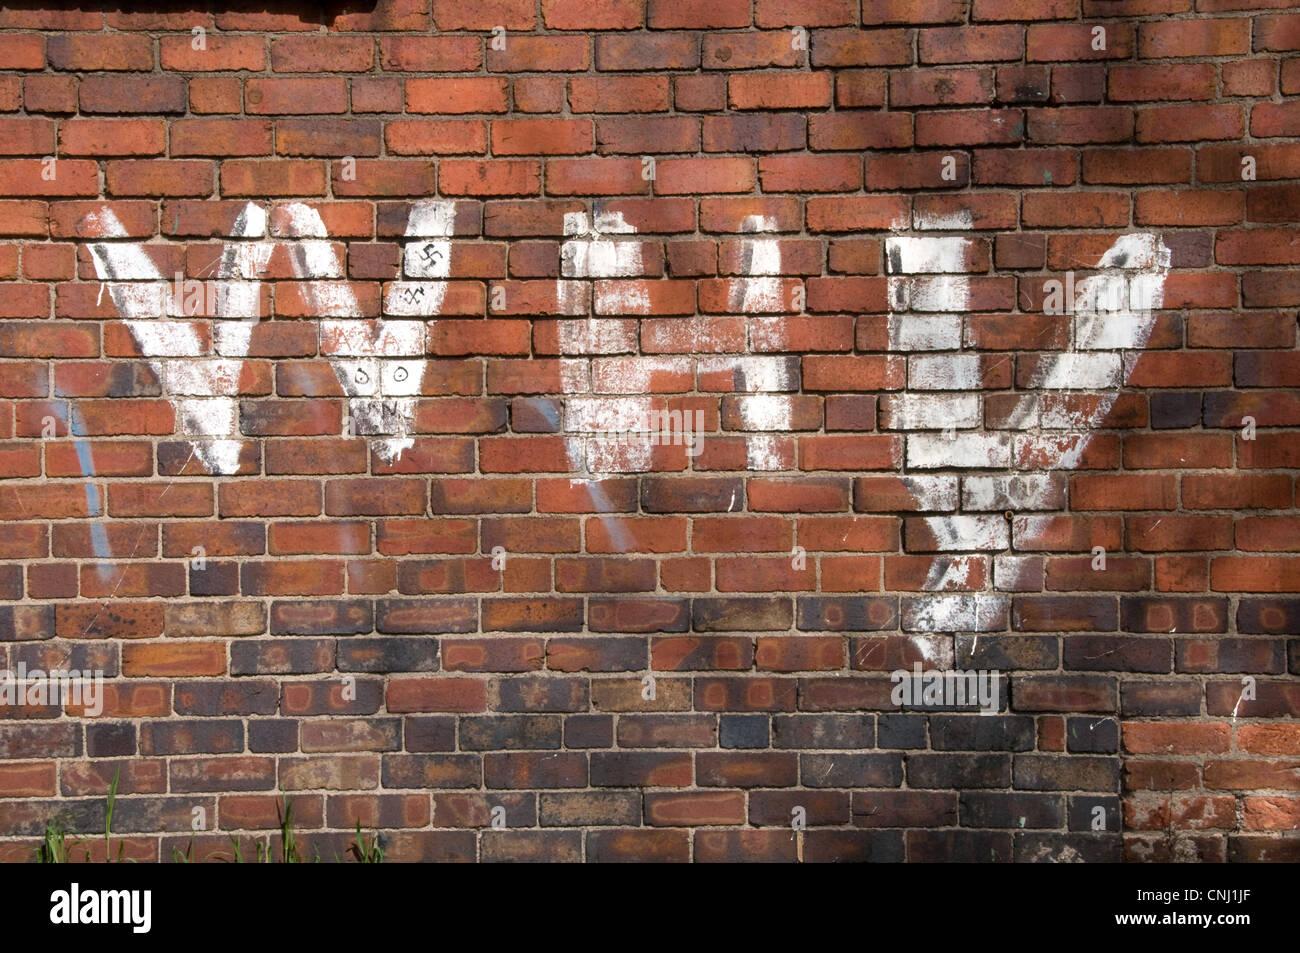 3d Brick Wallpaper Uk Graffiti On A Red Brick Wall Stock Photo 47724951 Alamy